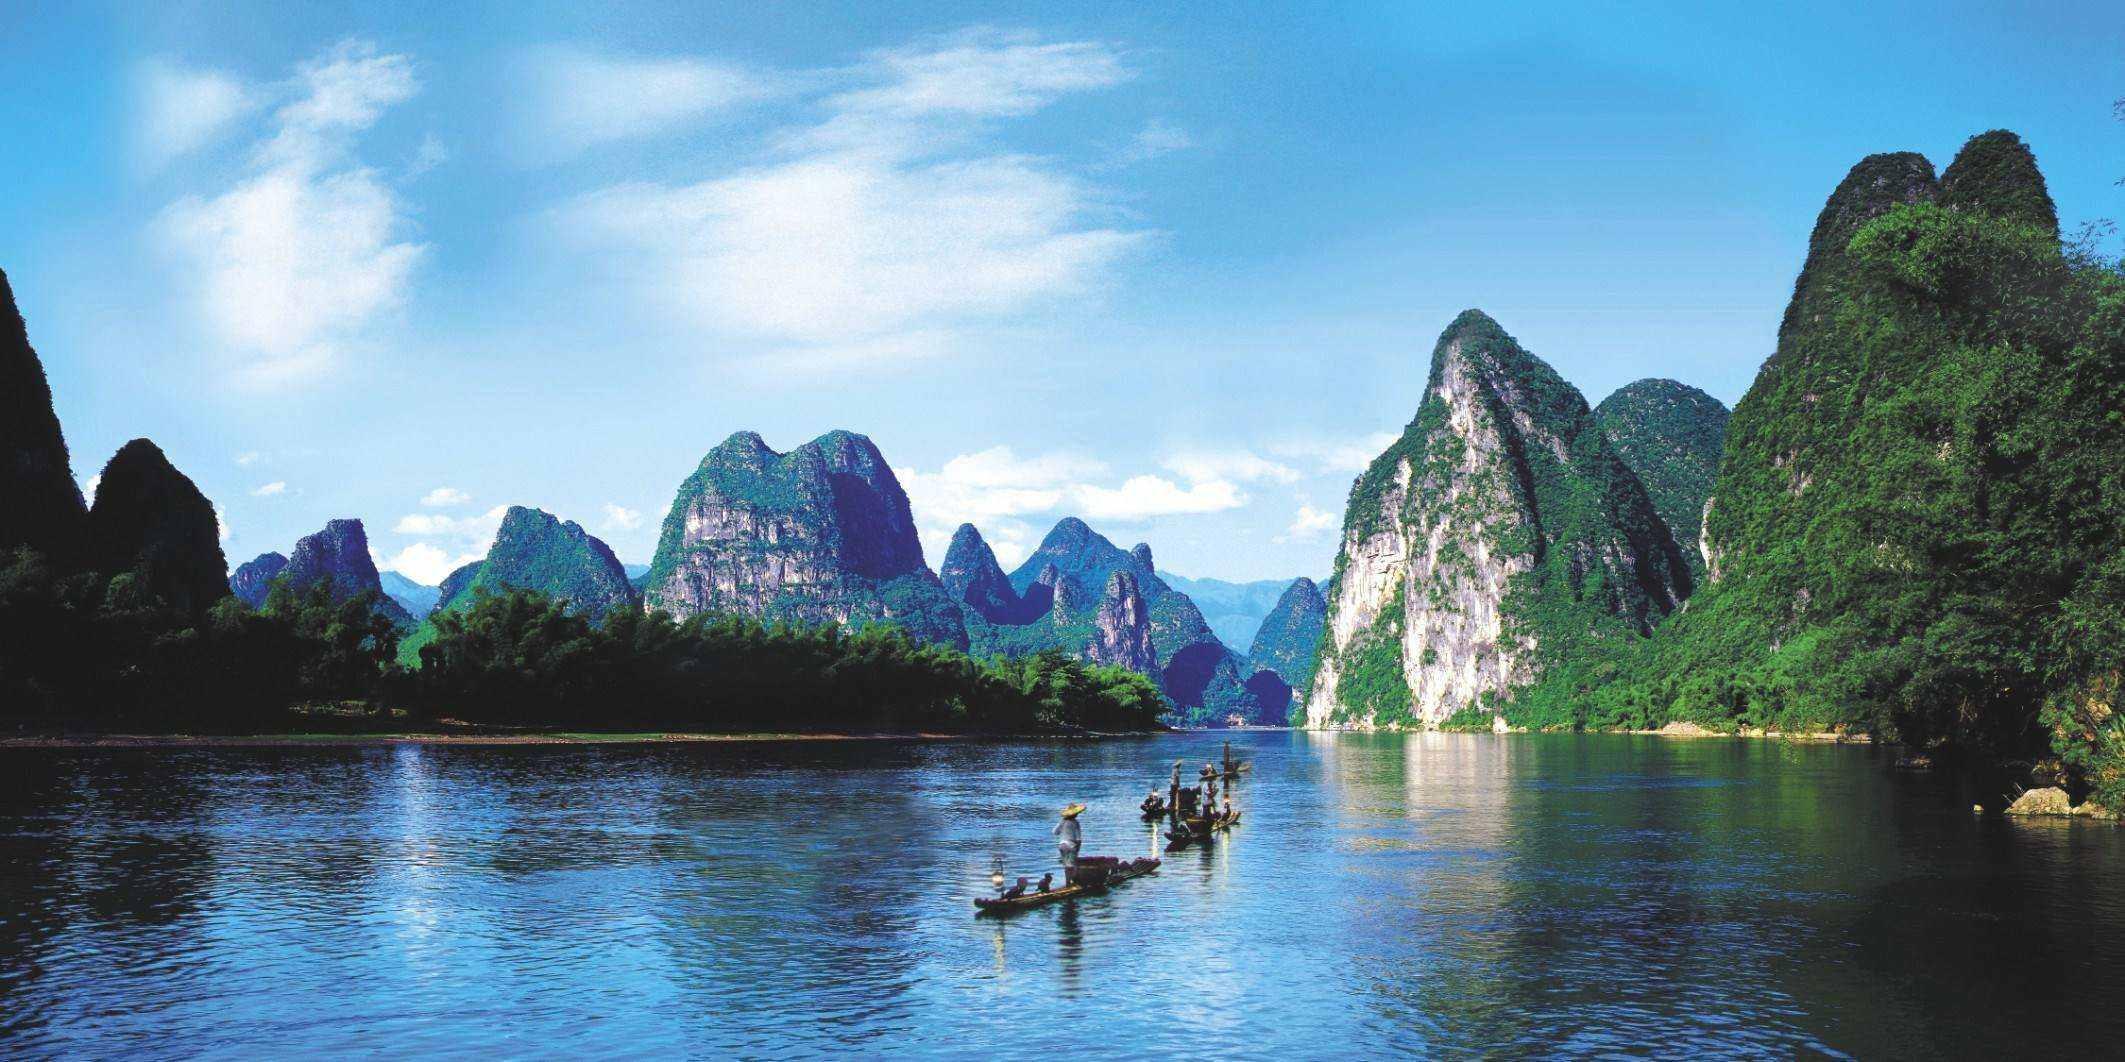 桂林最 名不副实 的景区,跟漓江和象鼻山并列,当地人怎么看图片